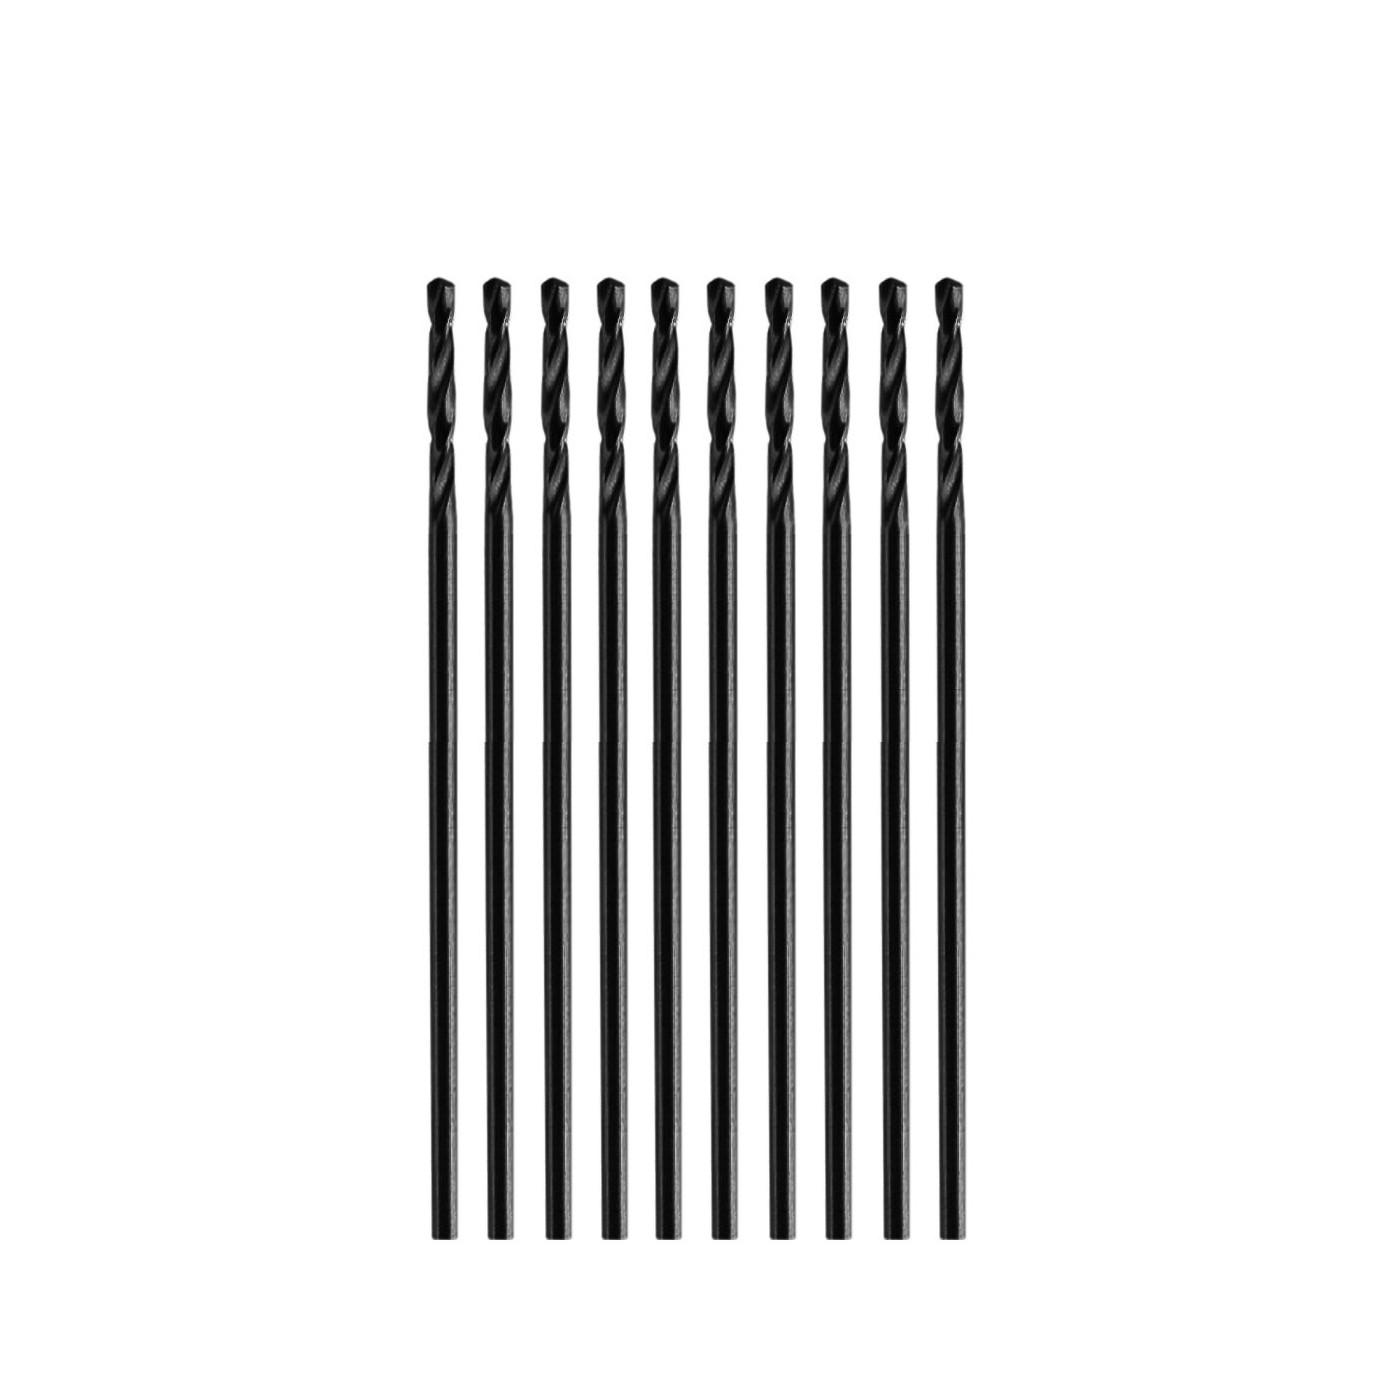 Set of 10 small metal drill bits (1.9x46 mm, HSS)